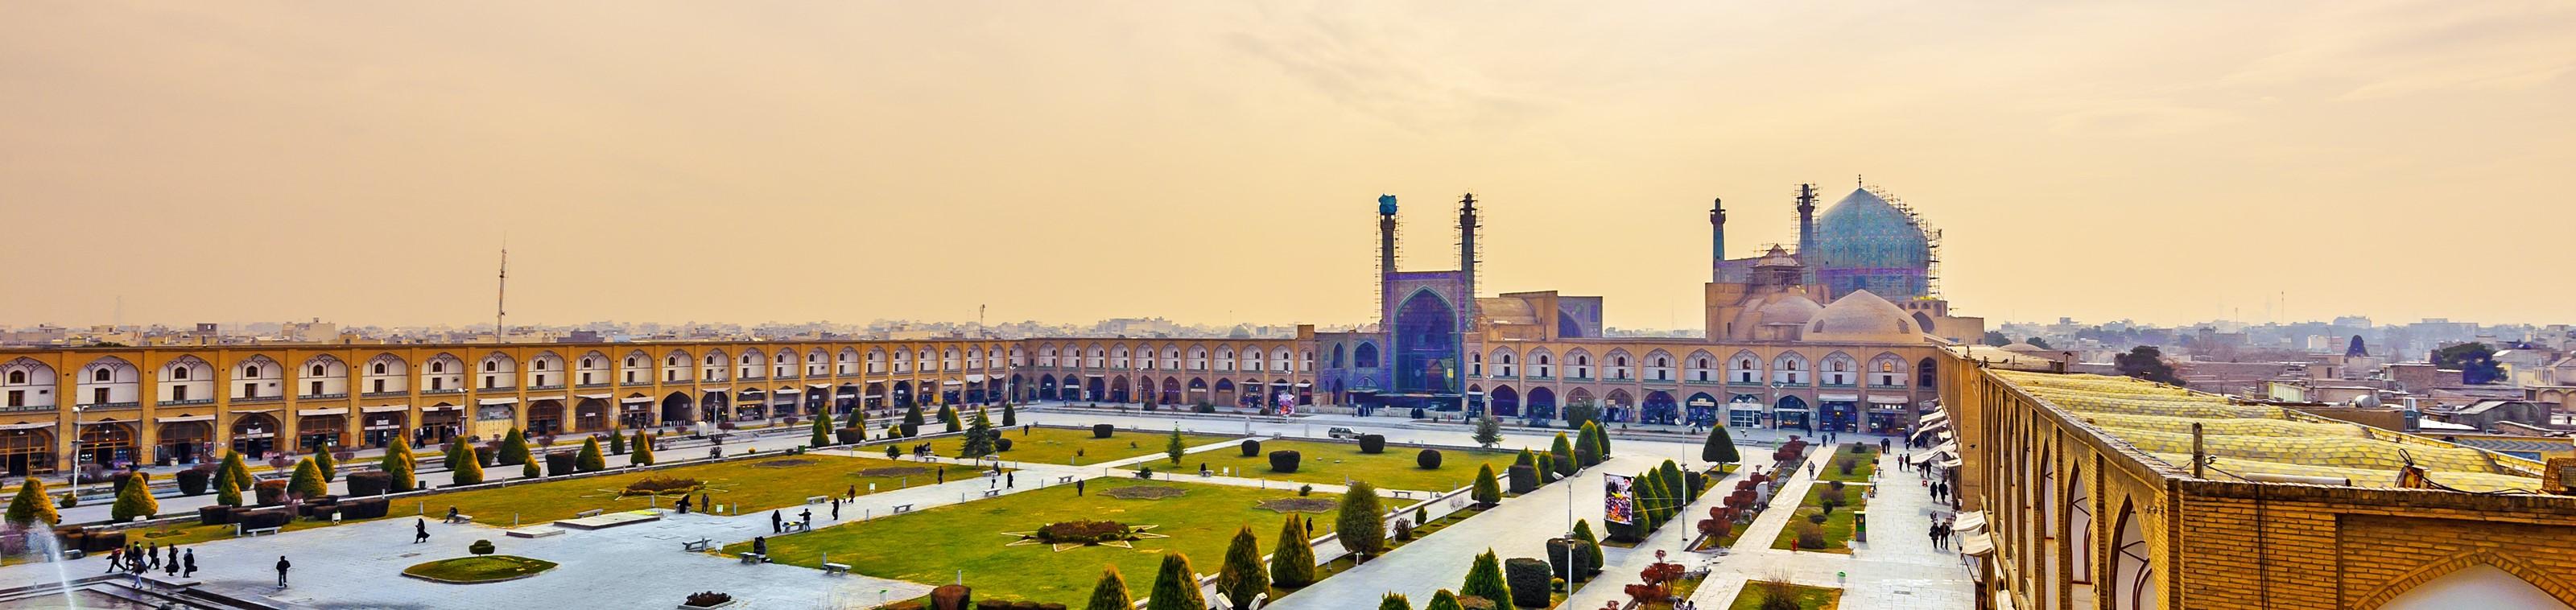 Rondreis door Iran: een Perzisch Sprookje